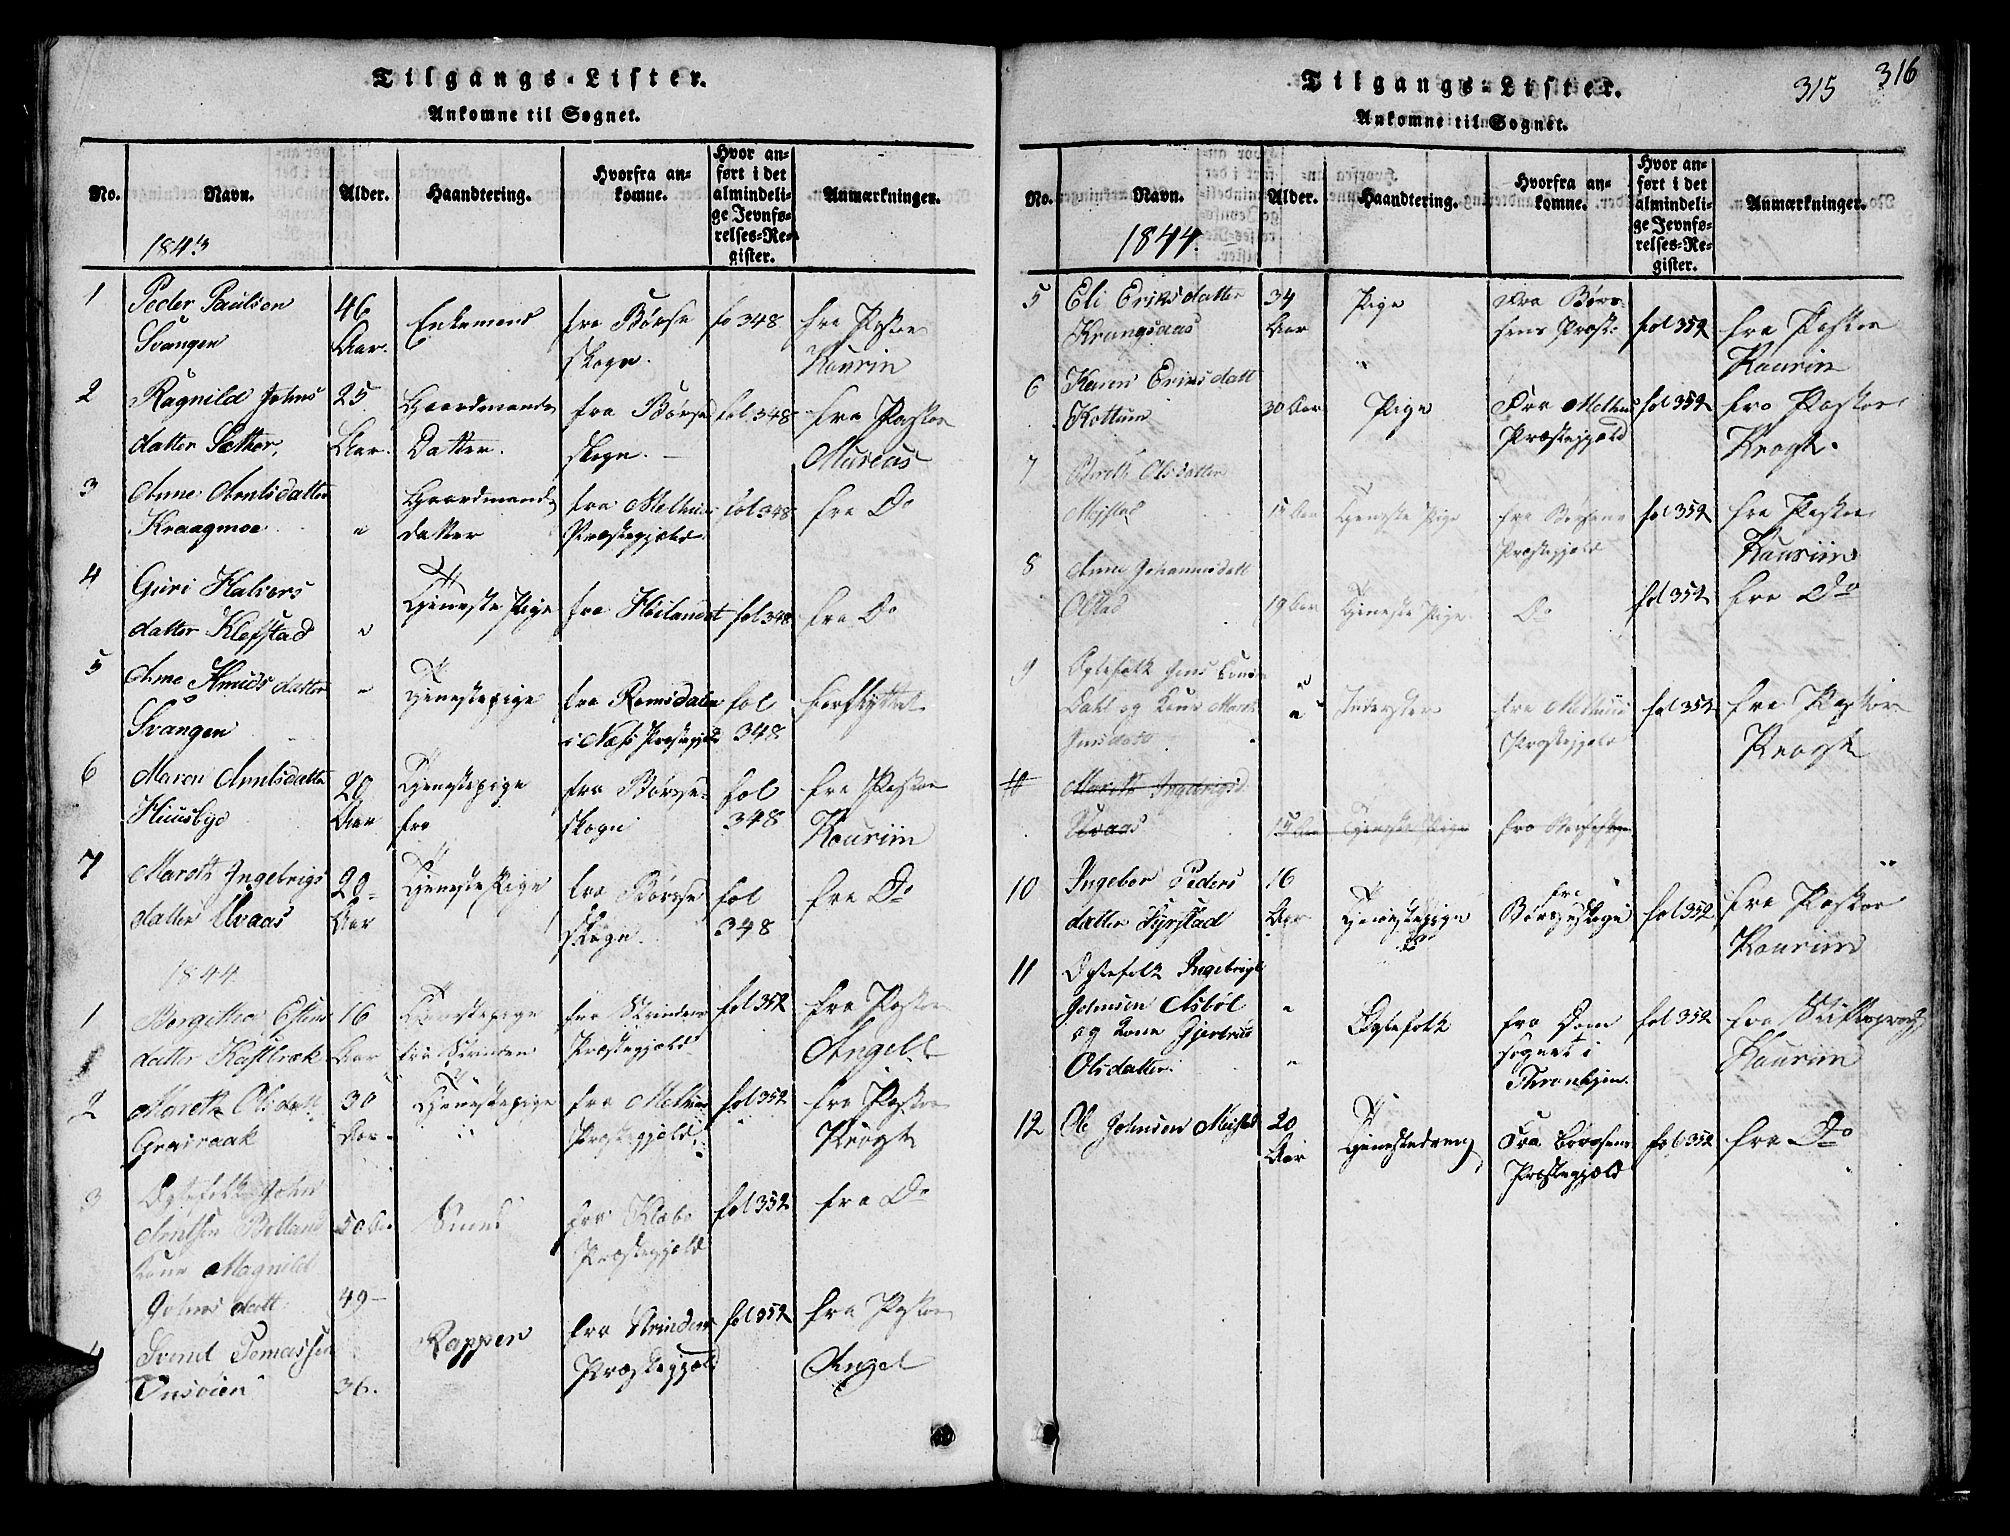 SAT, Ministerialprotokoller, klokkerbøker og fødselsregistre - Sør-Trøndelag, 666/L0788: Klokkerbok nr. 666C01, 1816-1847, s. 315